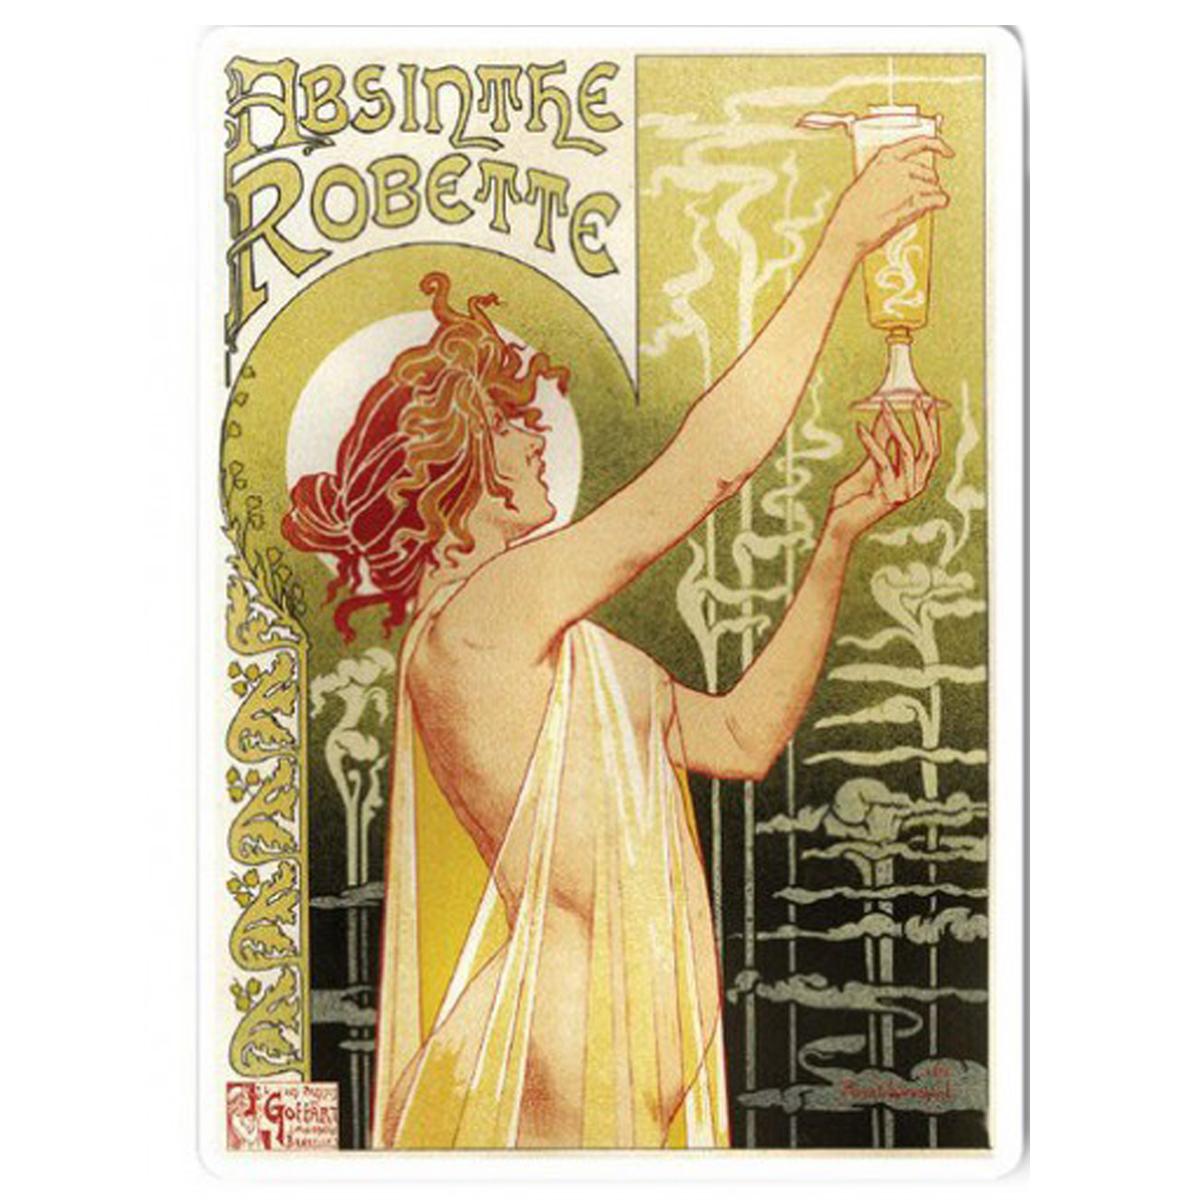 Magnet métal rétro \'Absinthe Robette\' beige (art nouveau) - 9x65 cm - [Q9204]